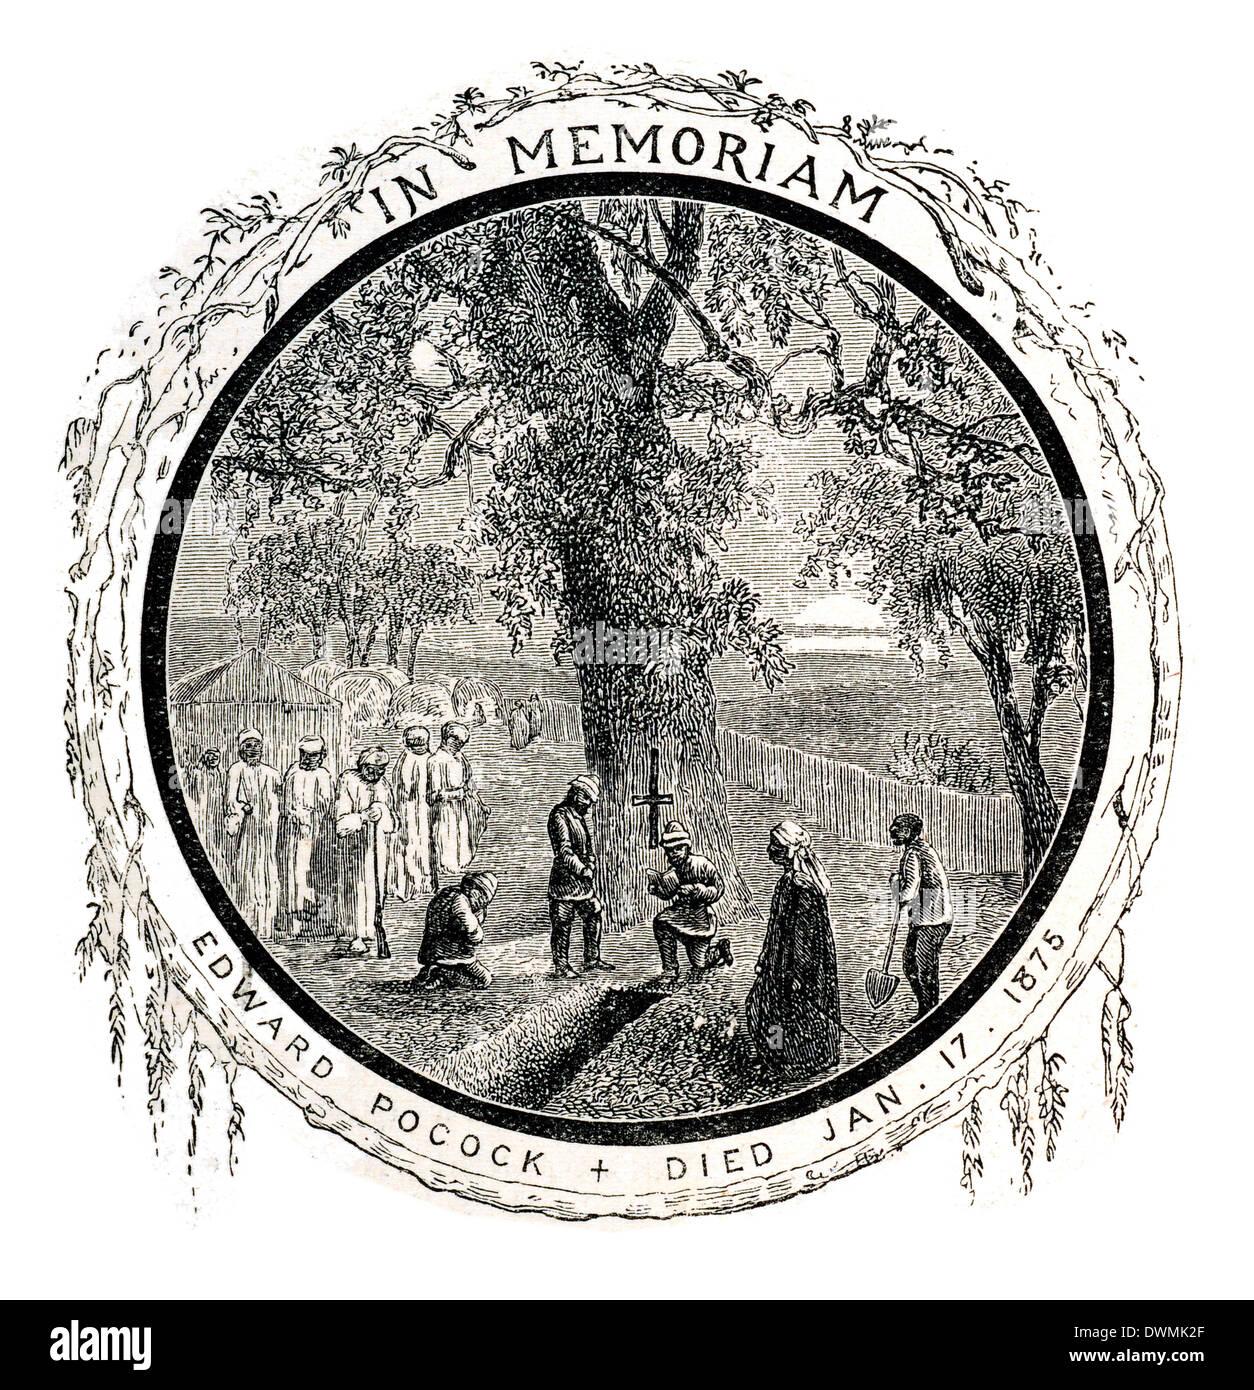 In Memorium Edward Pocock died Jan 17 1875 - Stock Image